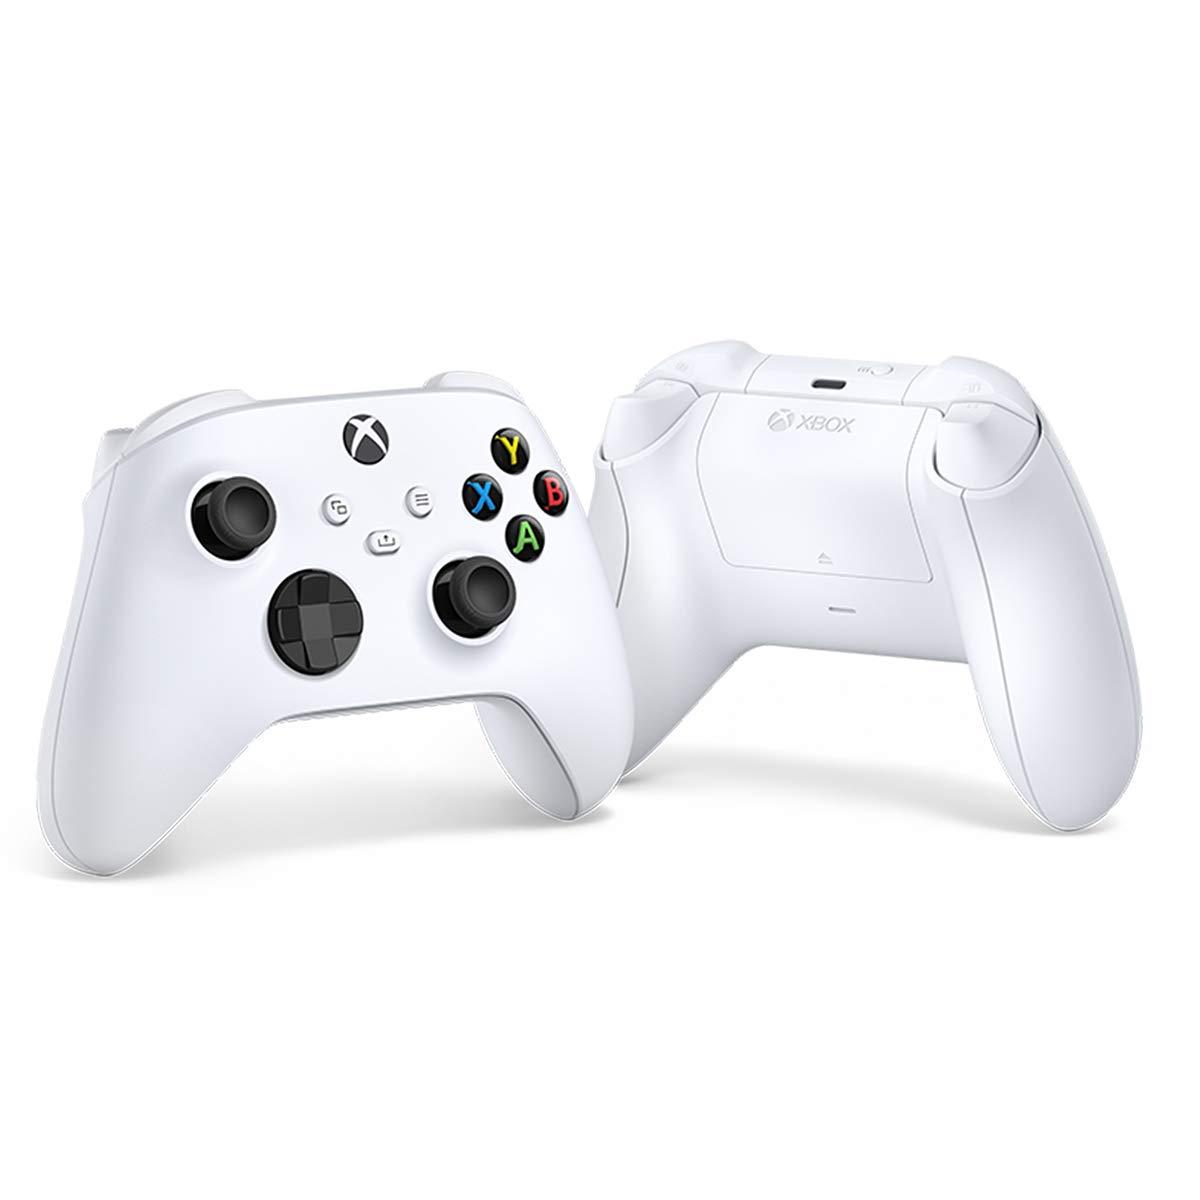 Xbox Core Wireless Controller (White) $49.99